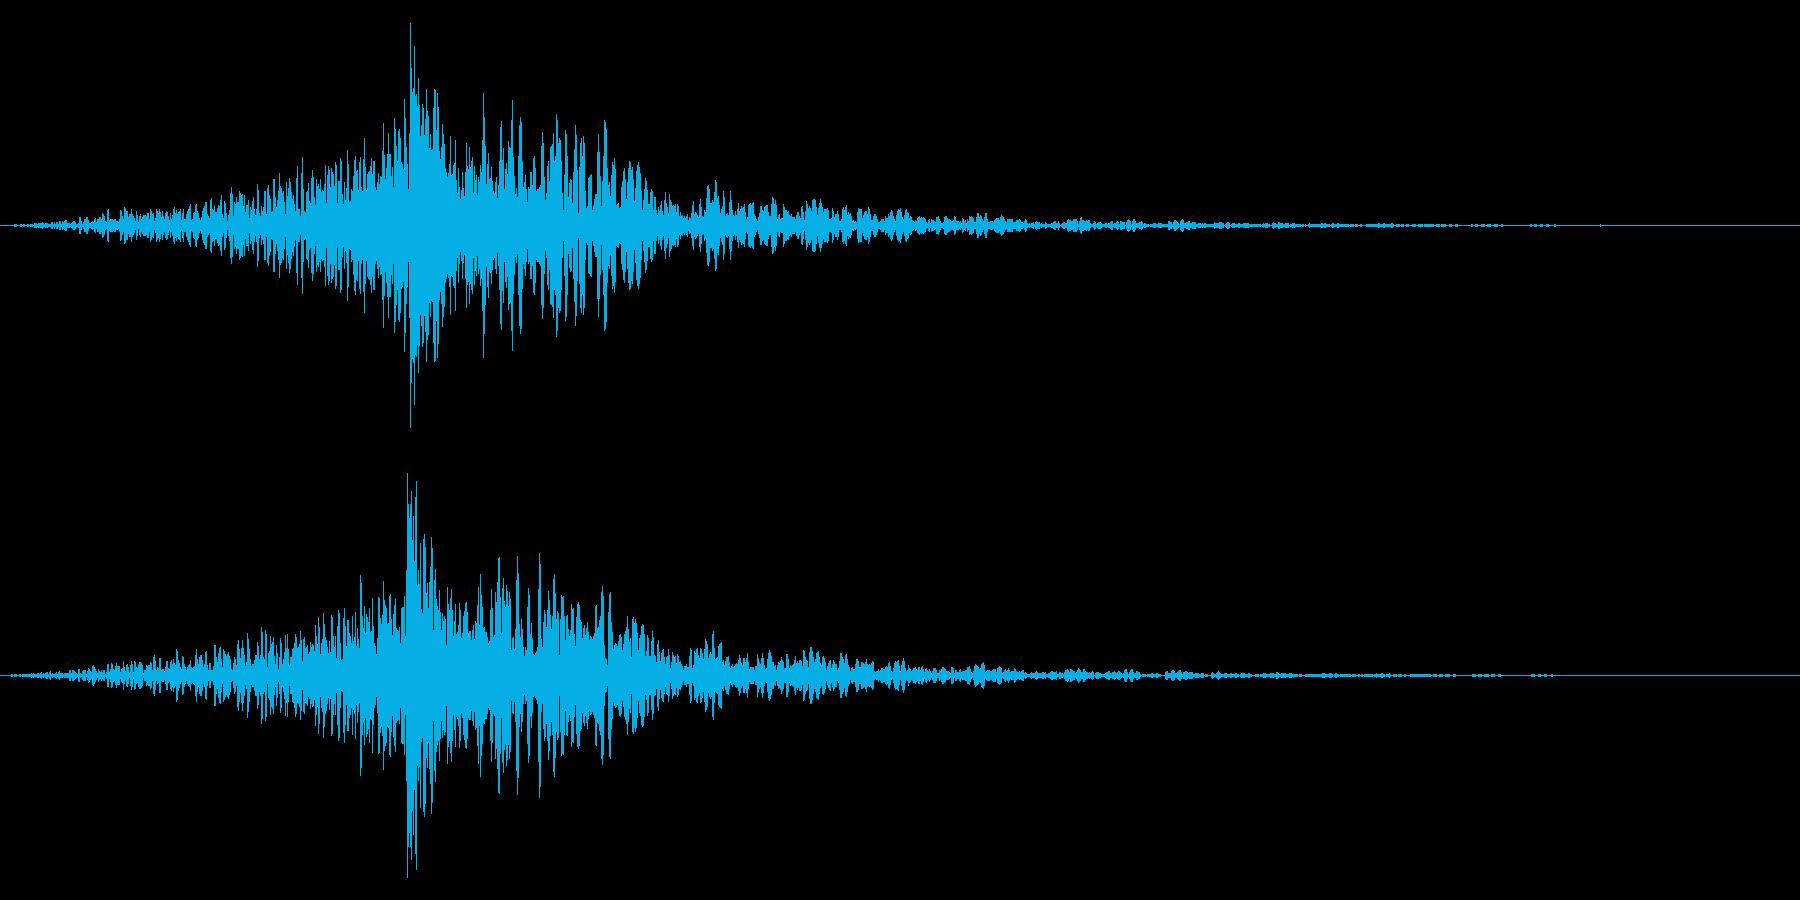 ホラー系アタック音101の再生済みの波形